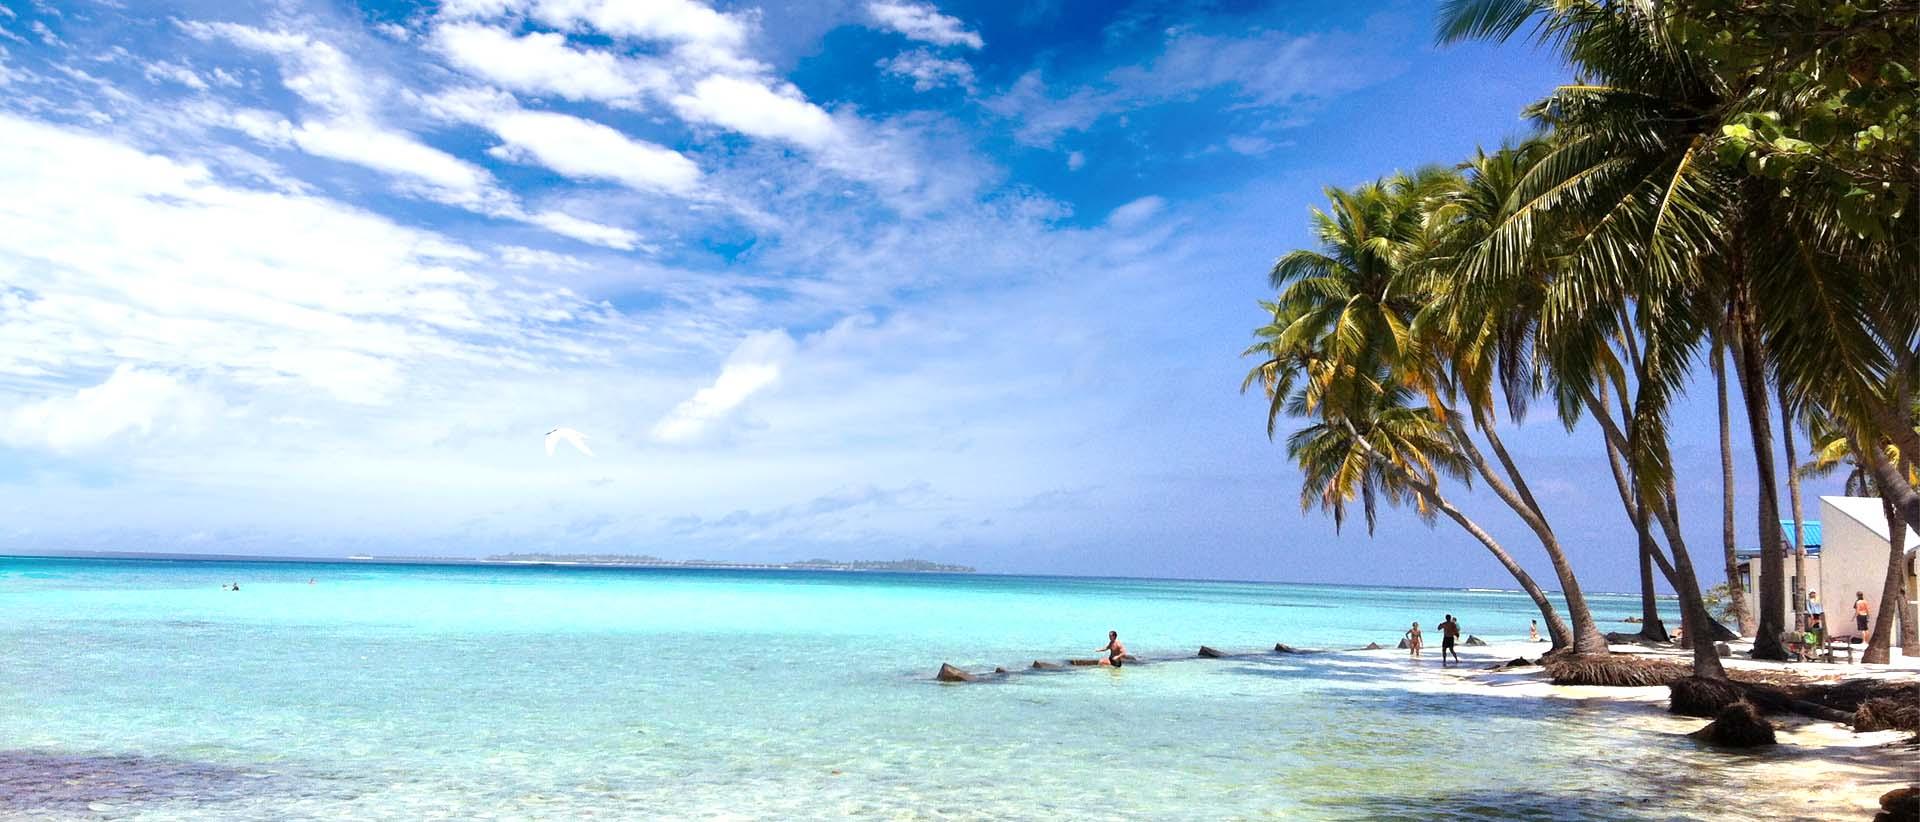 Maafushi-Maldivas-low-cost